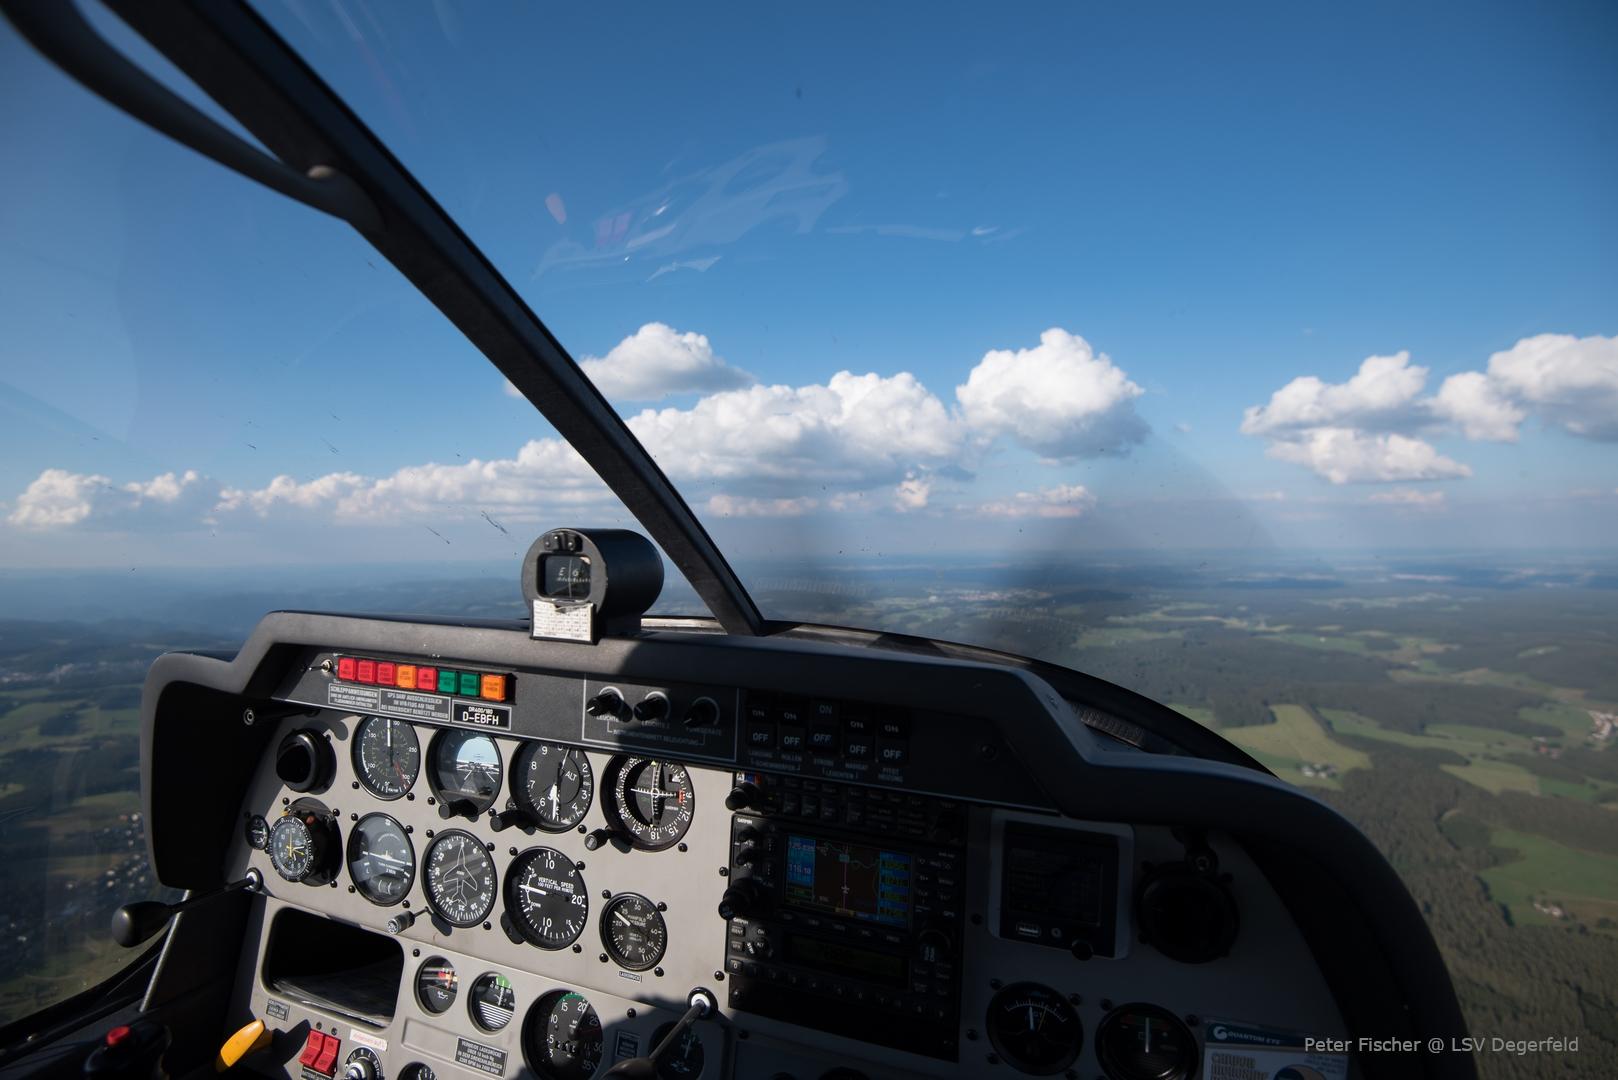 PF_Cockpit